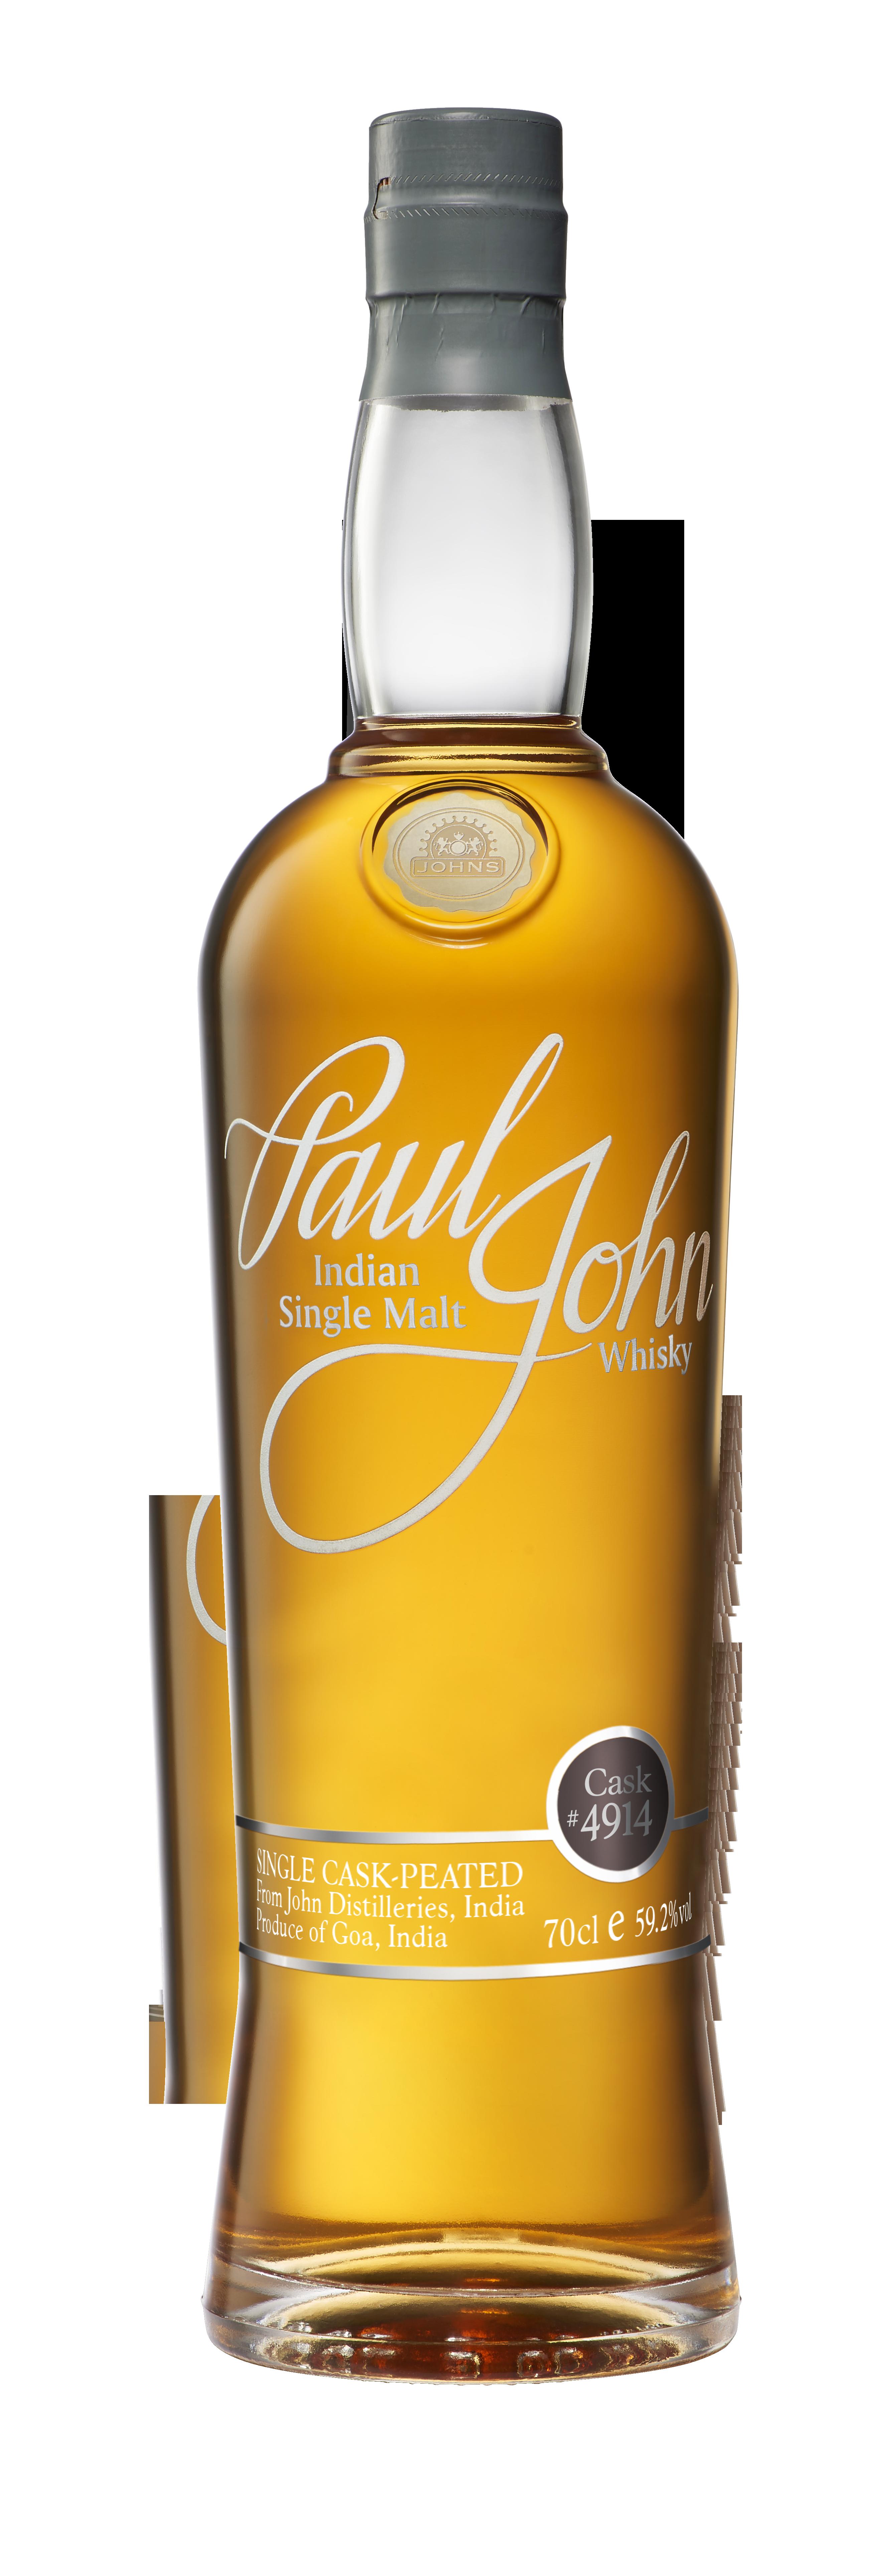 Paul John Single Cask bottle 01